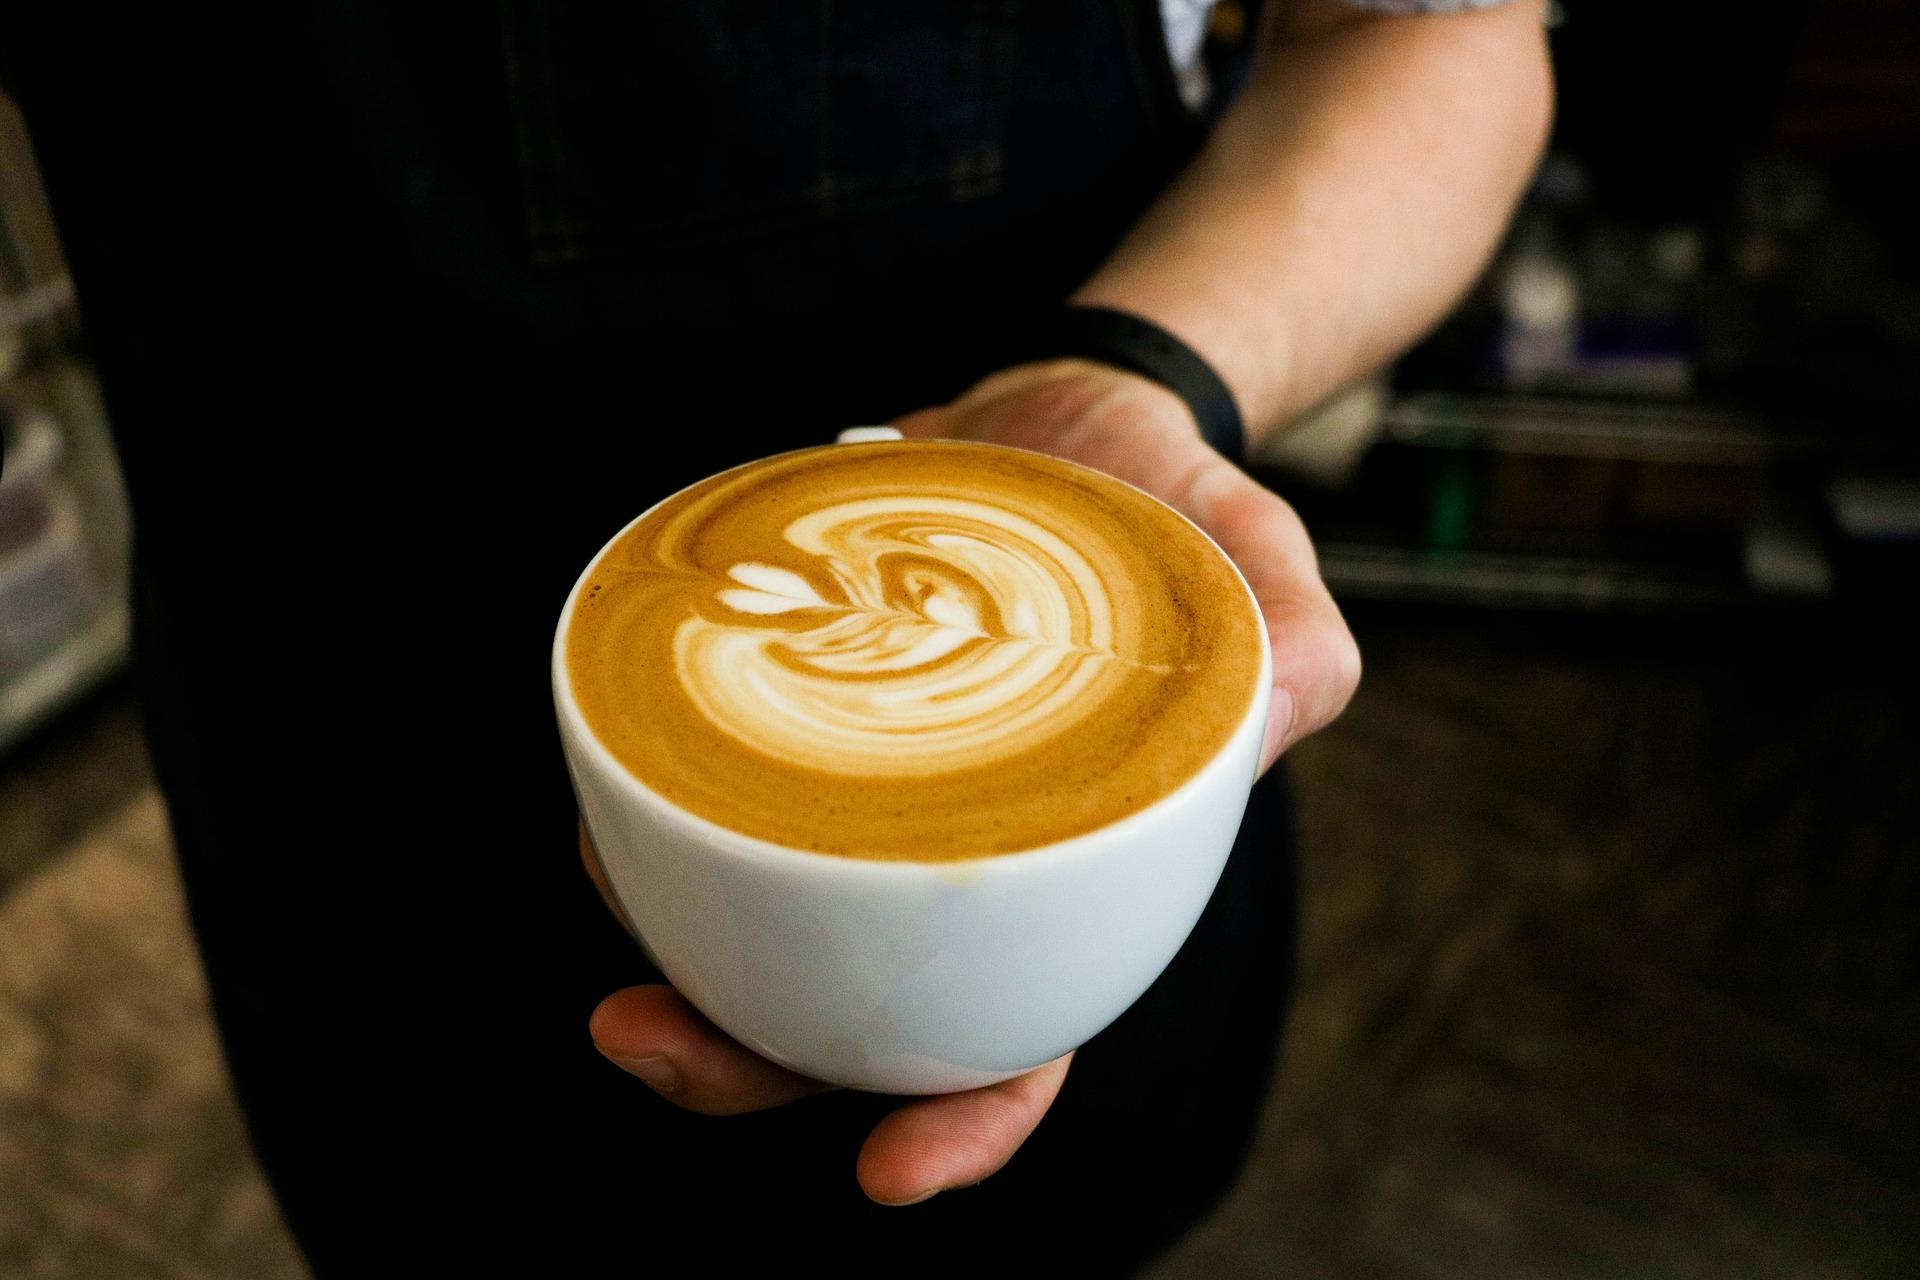 Pessoa segurando xícara de café com espuma de leite.